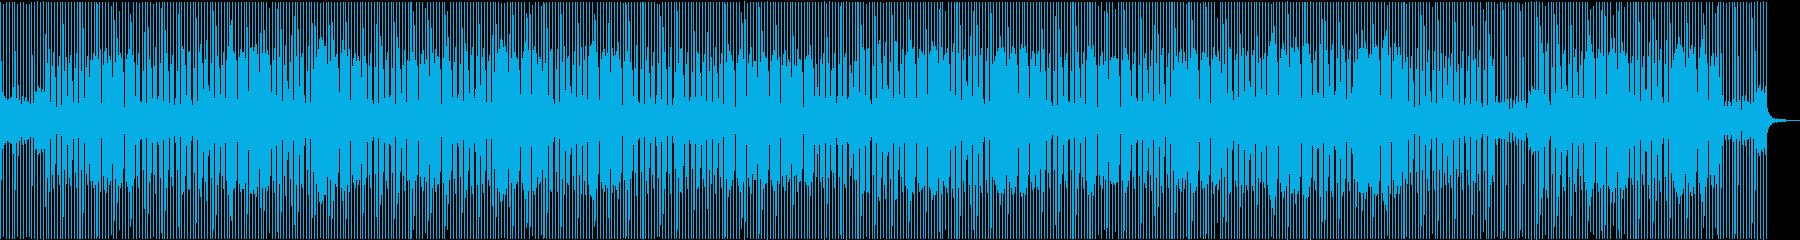 汎用性の高い4つ打ちダンス曲の再生済みの波形